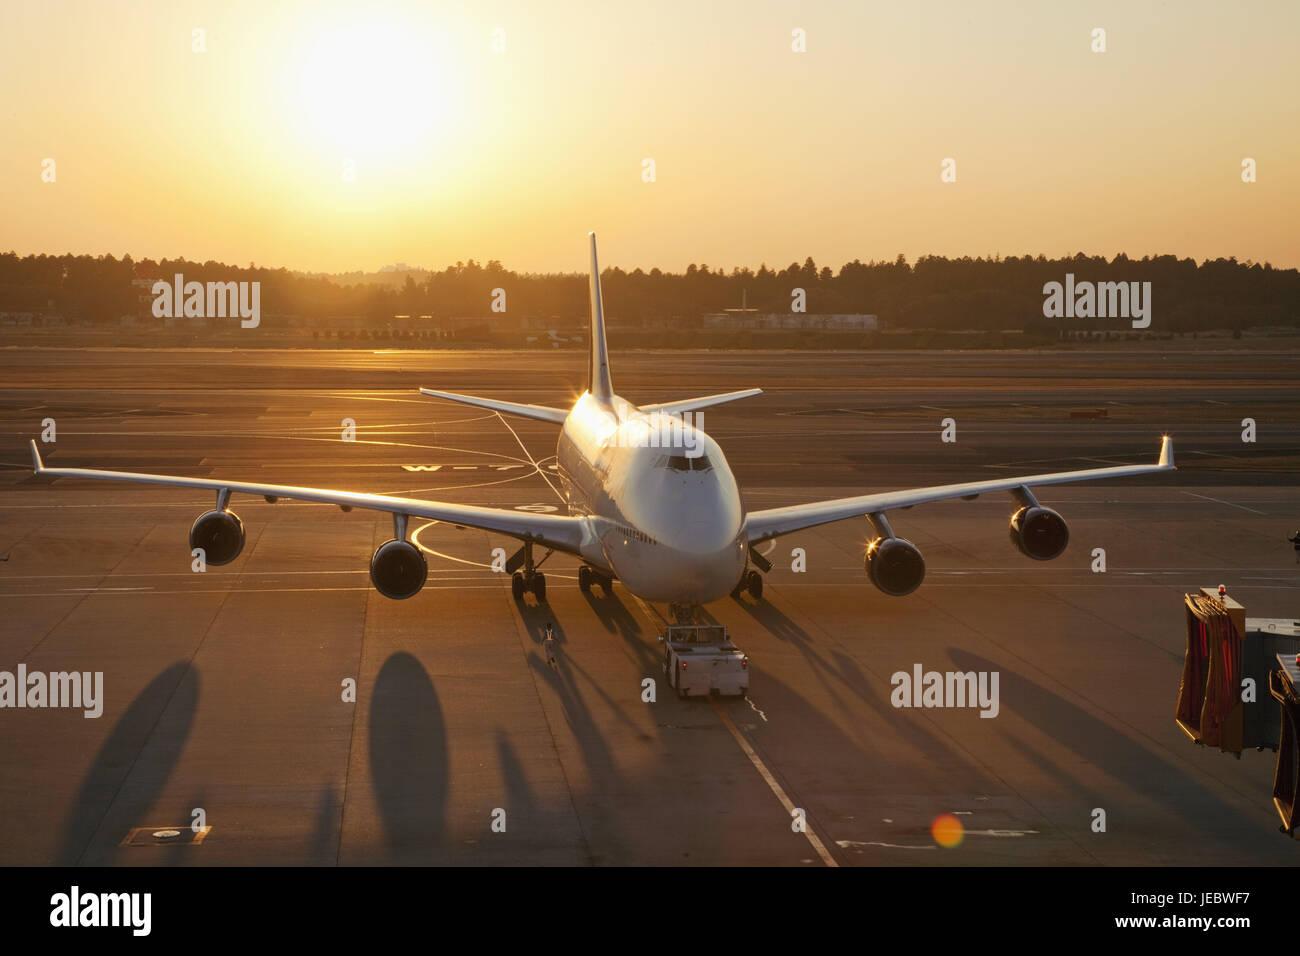 Japan, Tokyo Narita International Airport, Flugplatz, Flugzeug, Abendlicht, Flughafen, außen, Reisen, Reise Stockbild